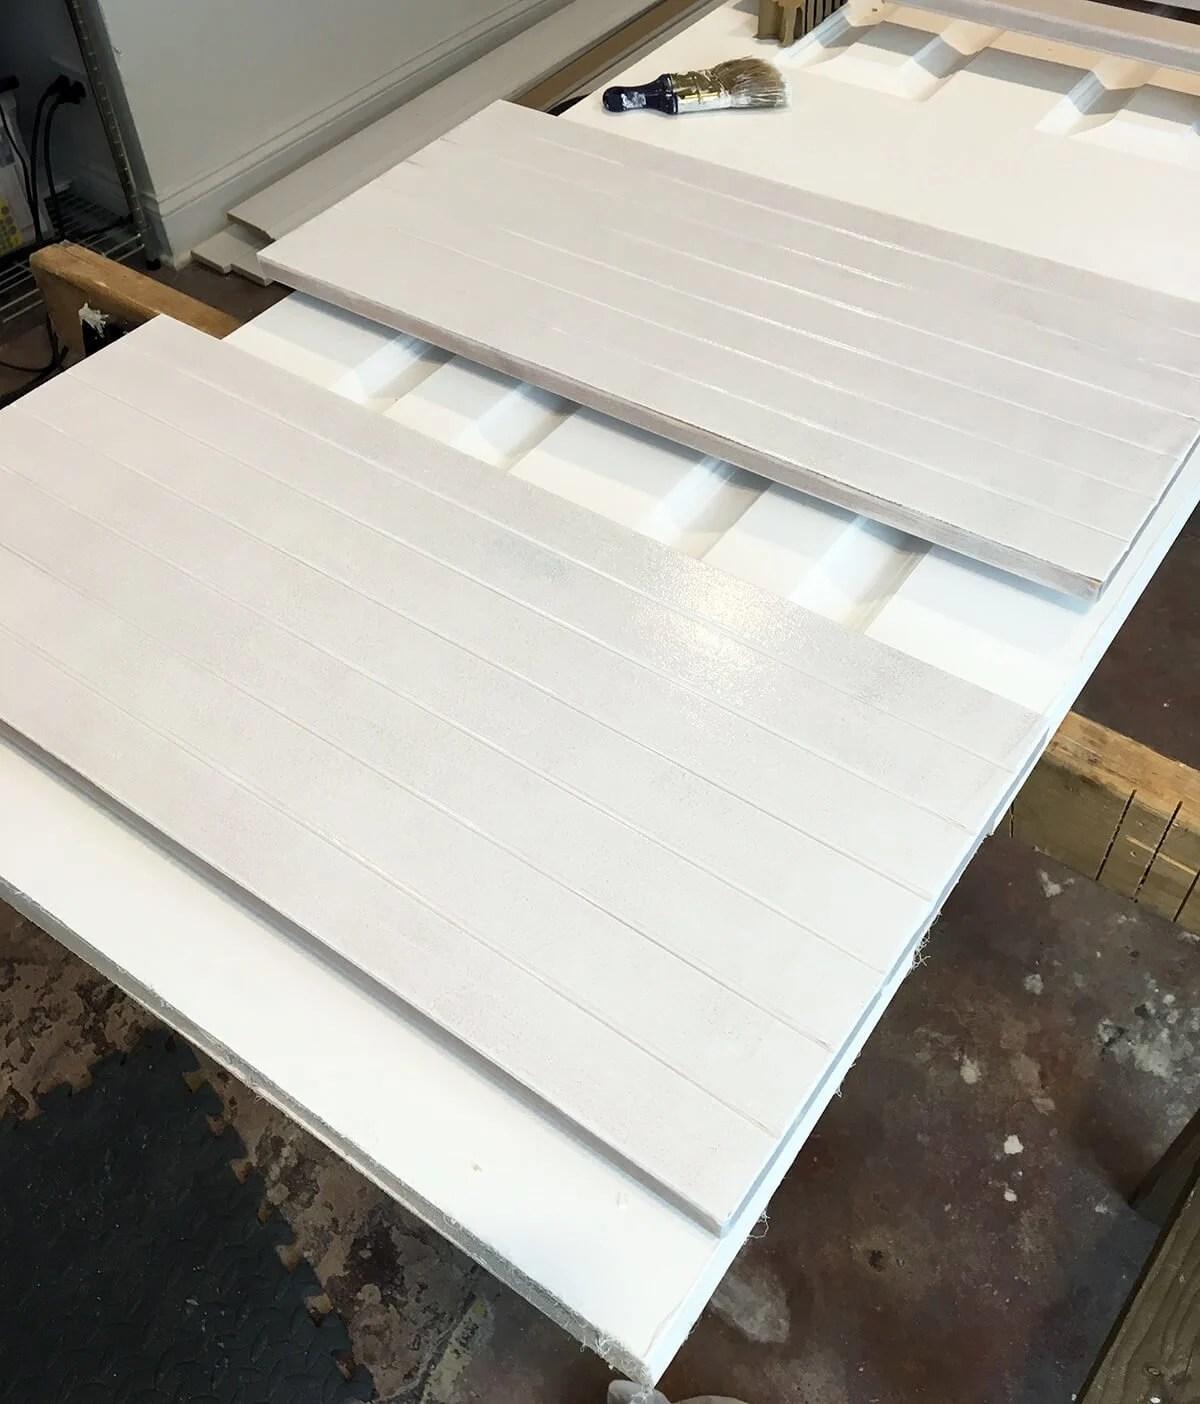 Primer on IKEA Vanity